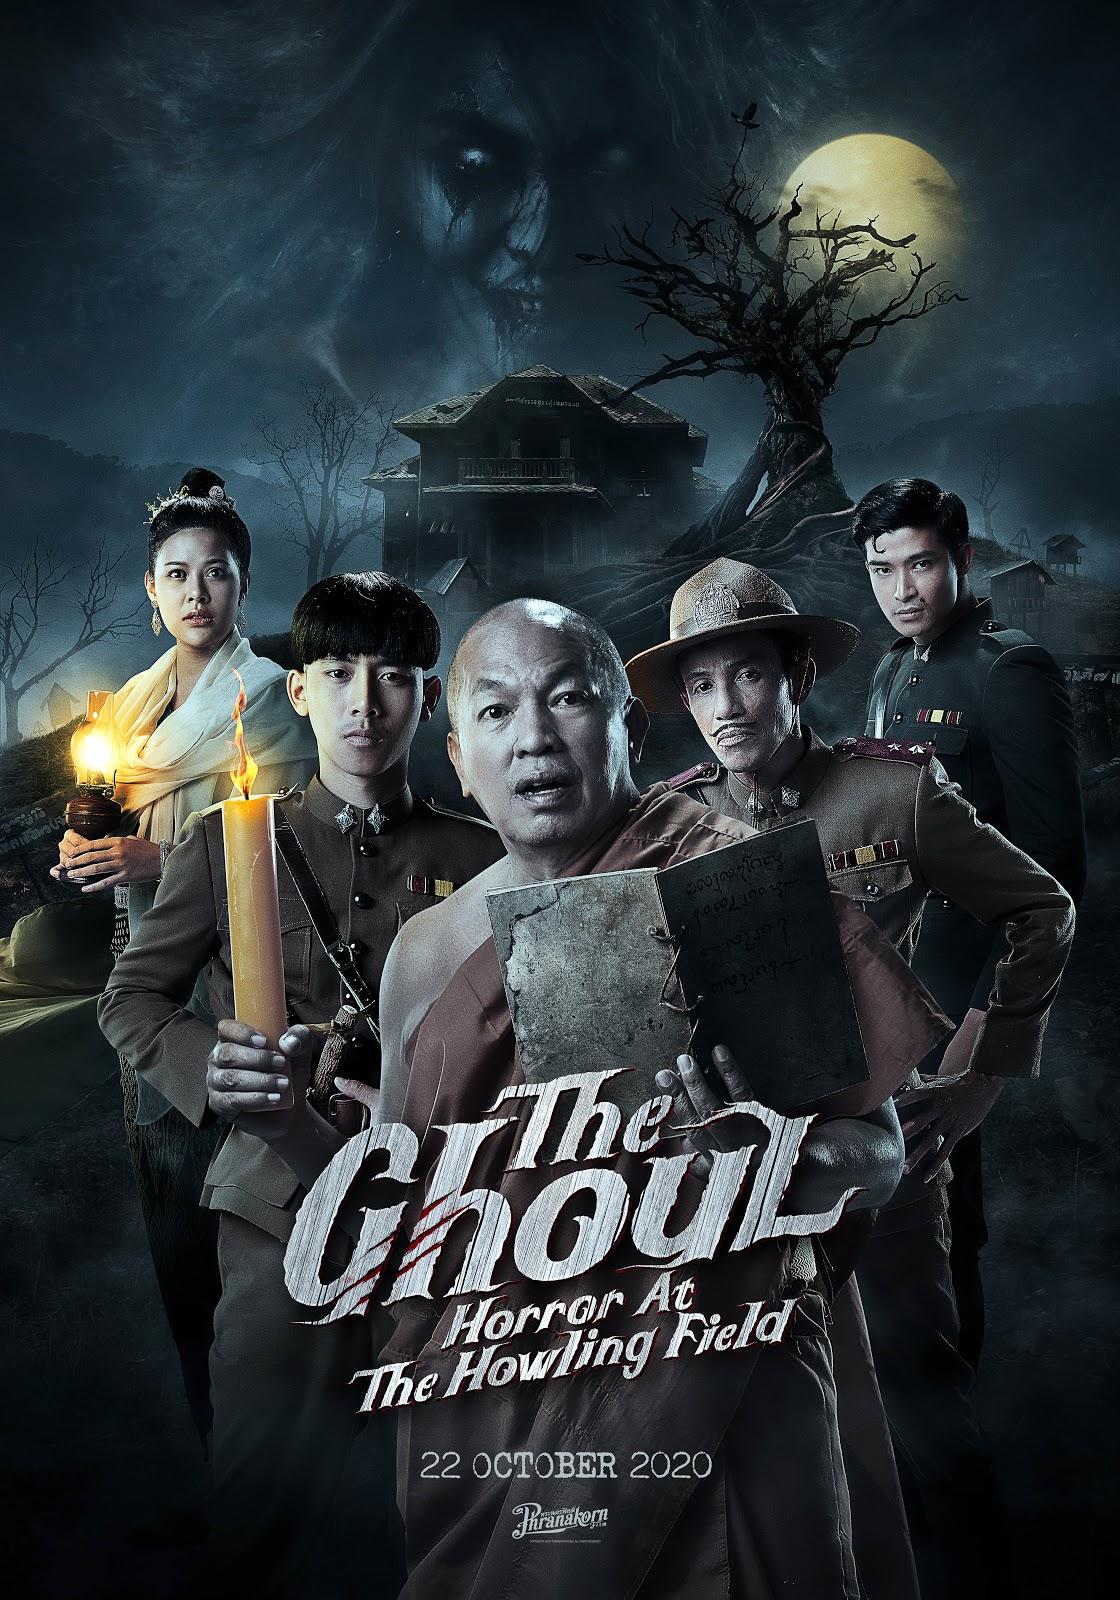 Tháng Halloween đến rồi, lướt nhanh loạt phim kinh dị hấp dẫn và sẵn sàng ra rạp thôi 6